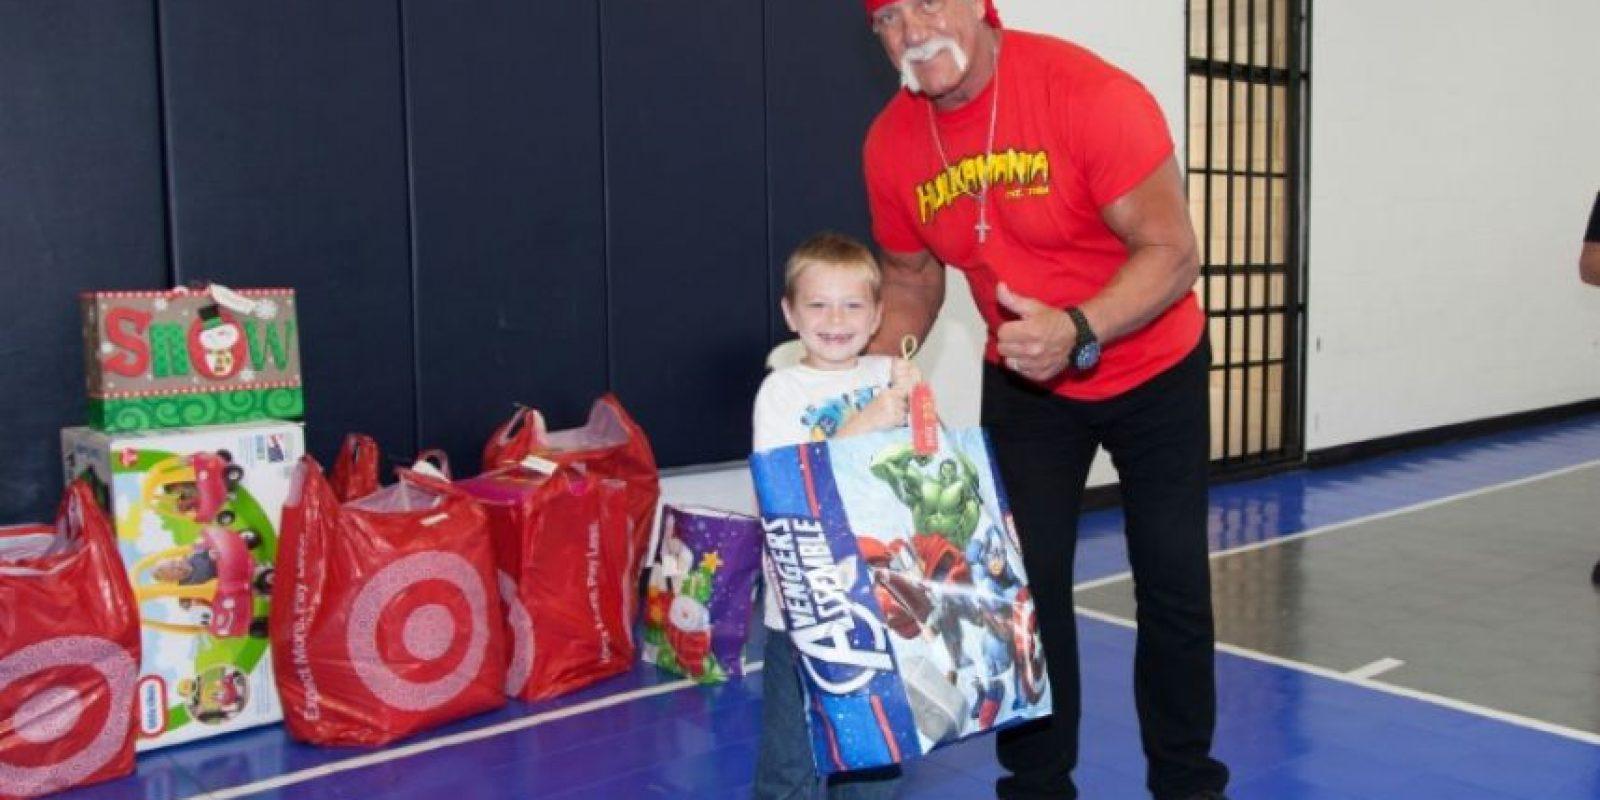 El exluchador estadounidense Hulk Hogan posa con un niño al visitar la sede de la fundación caritativa Hope Children's el 30 de noviembre de 2016 en Tampa, Florida, EEUU Foto:Mike Dupre/afp.com